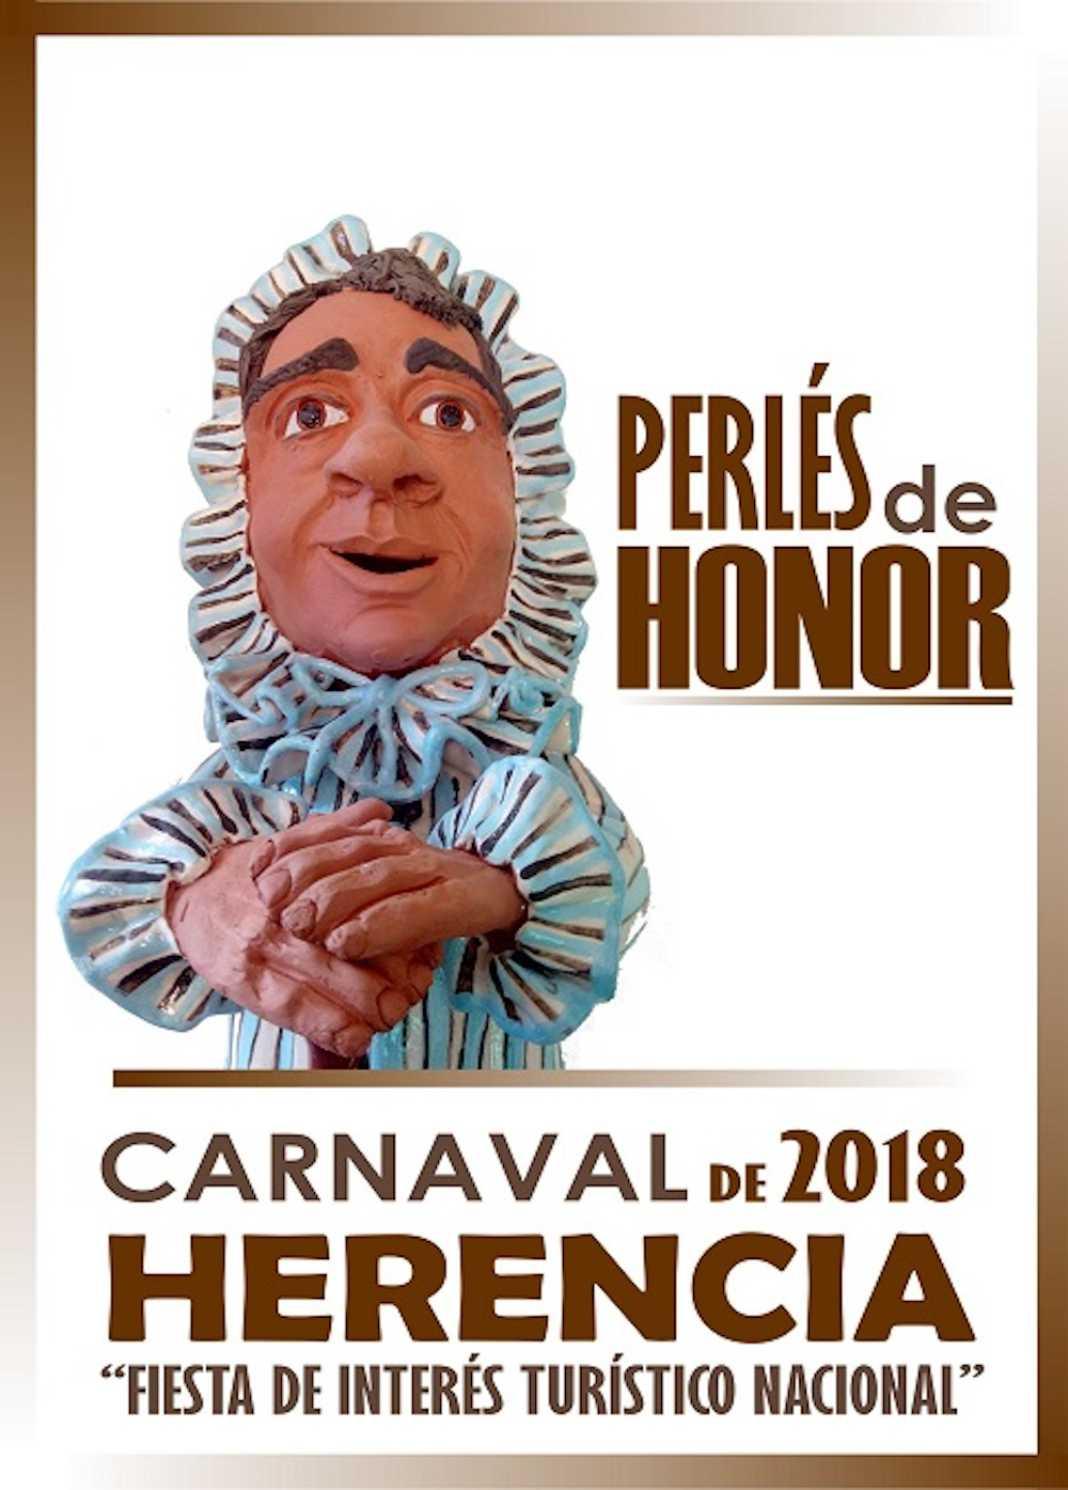 Conoce a los nominados para los Perlés de Honor del Carnaval de Herencia 4